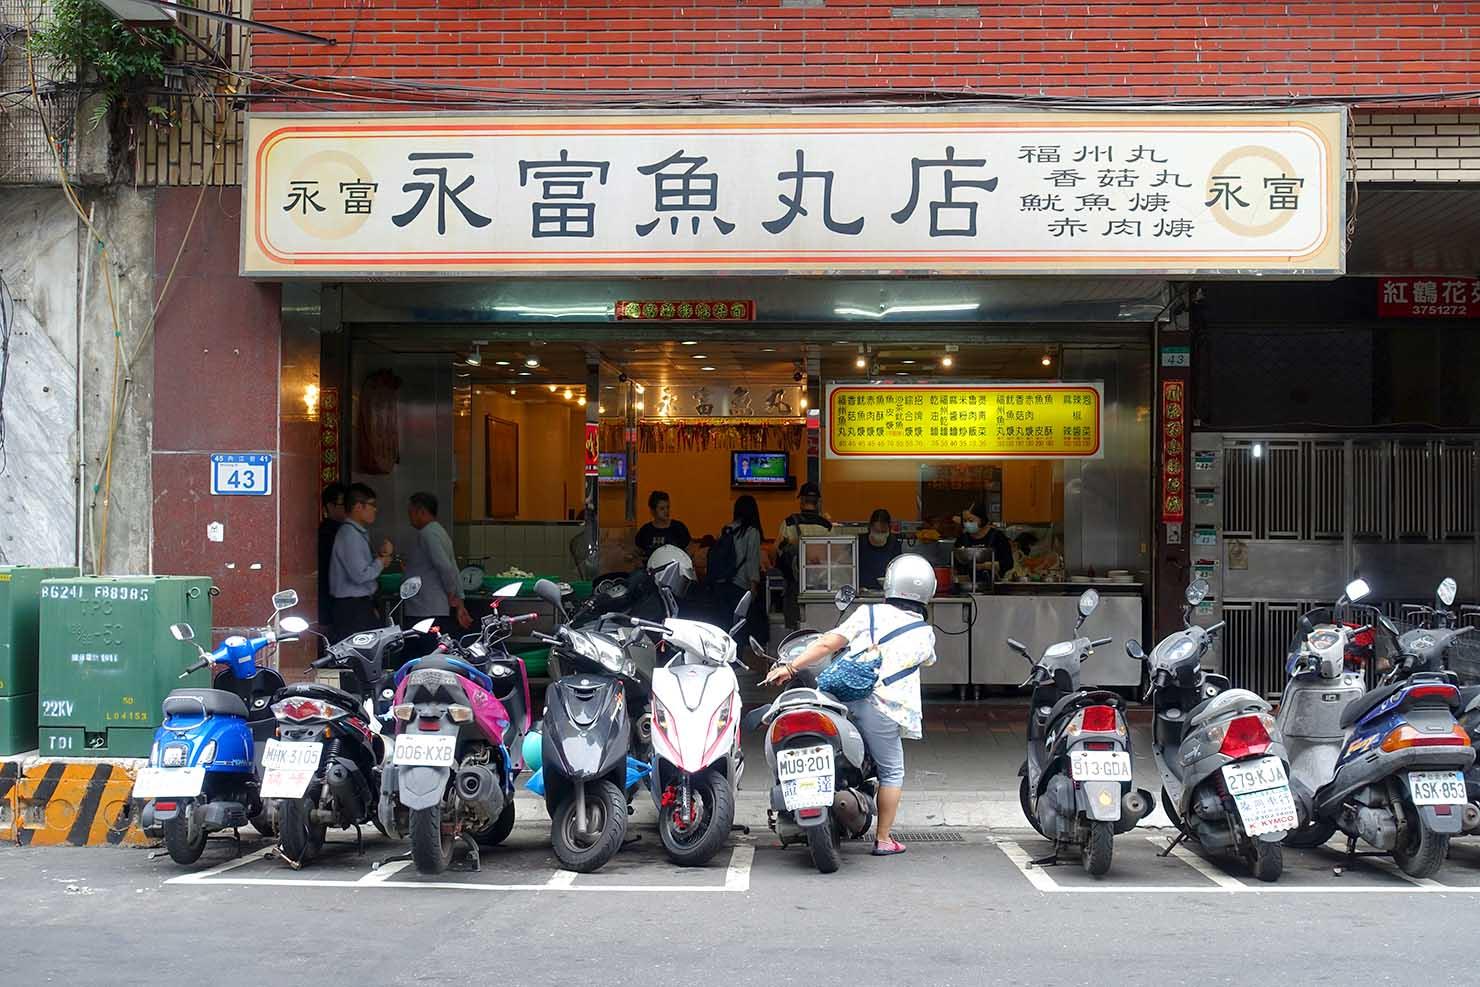 台北・西門町のおすすめ朝ごはん屋さん「永富魚丸湯」の外観